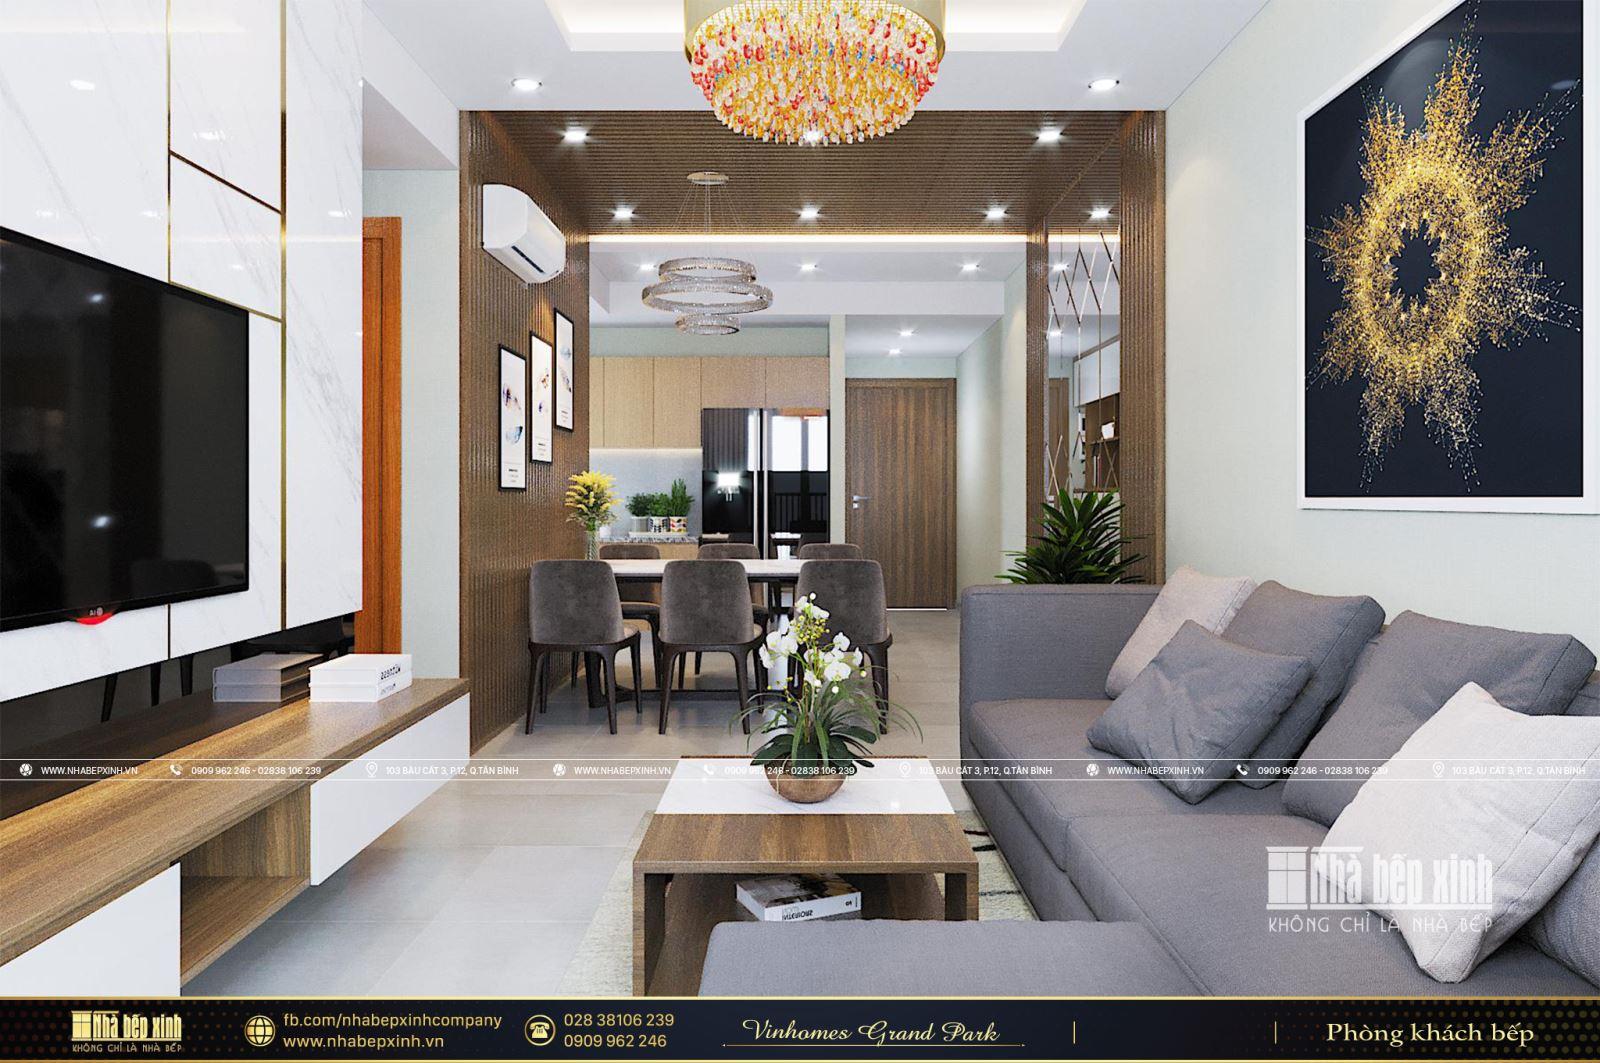 Tổng hợp các mẫu thiết kế nội thất chung cư Vinhomes Grand Park - Phân khu The Rainbow